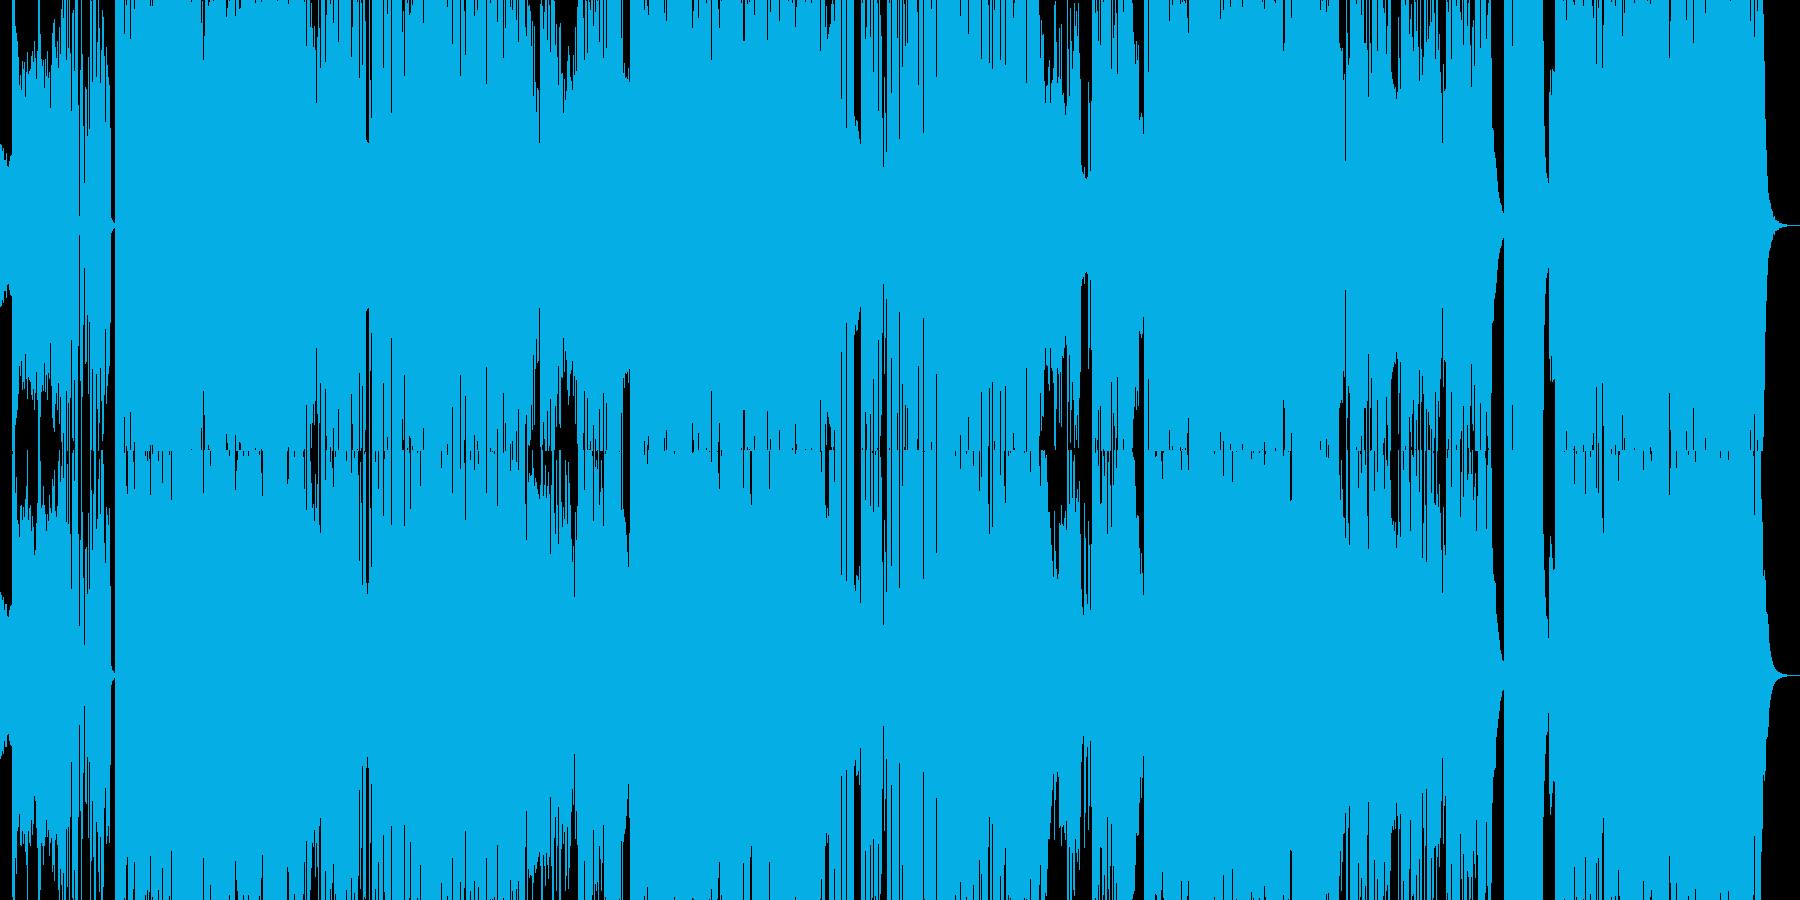 リズミカルでエレクトロなEDMダンス曲の再生済みの波形